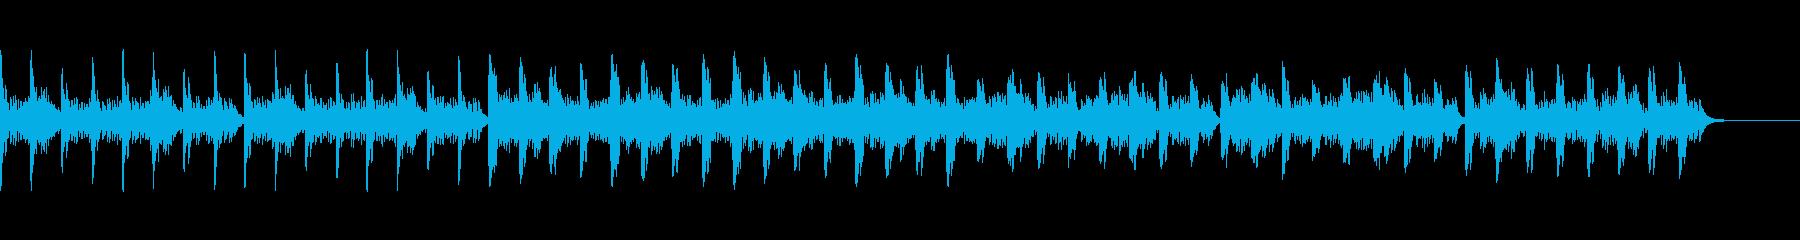 幻想的で美しい鉄琴のメロディーの再生済みの波形